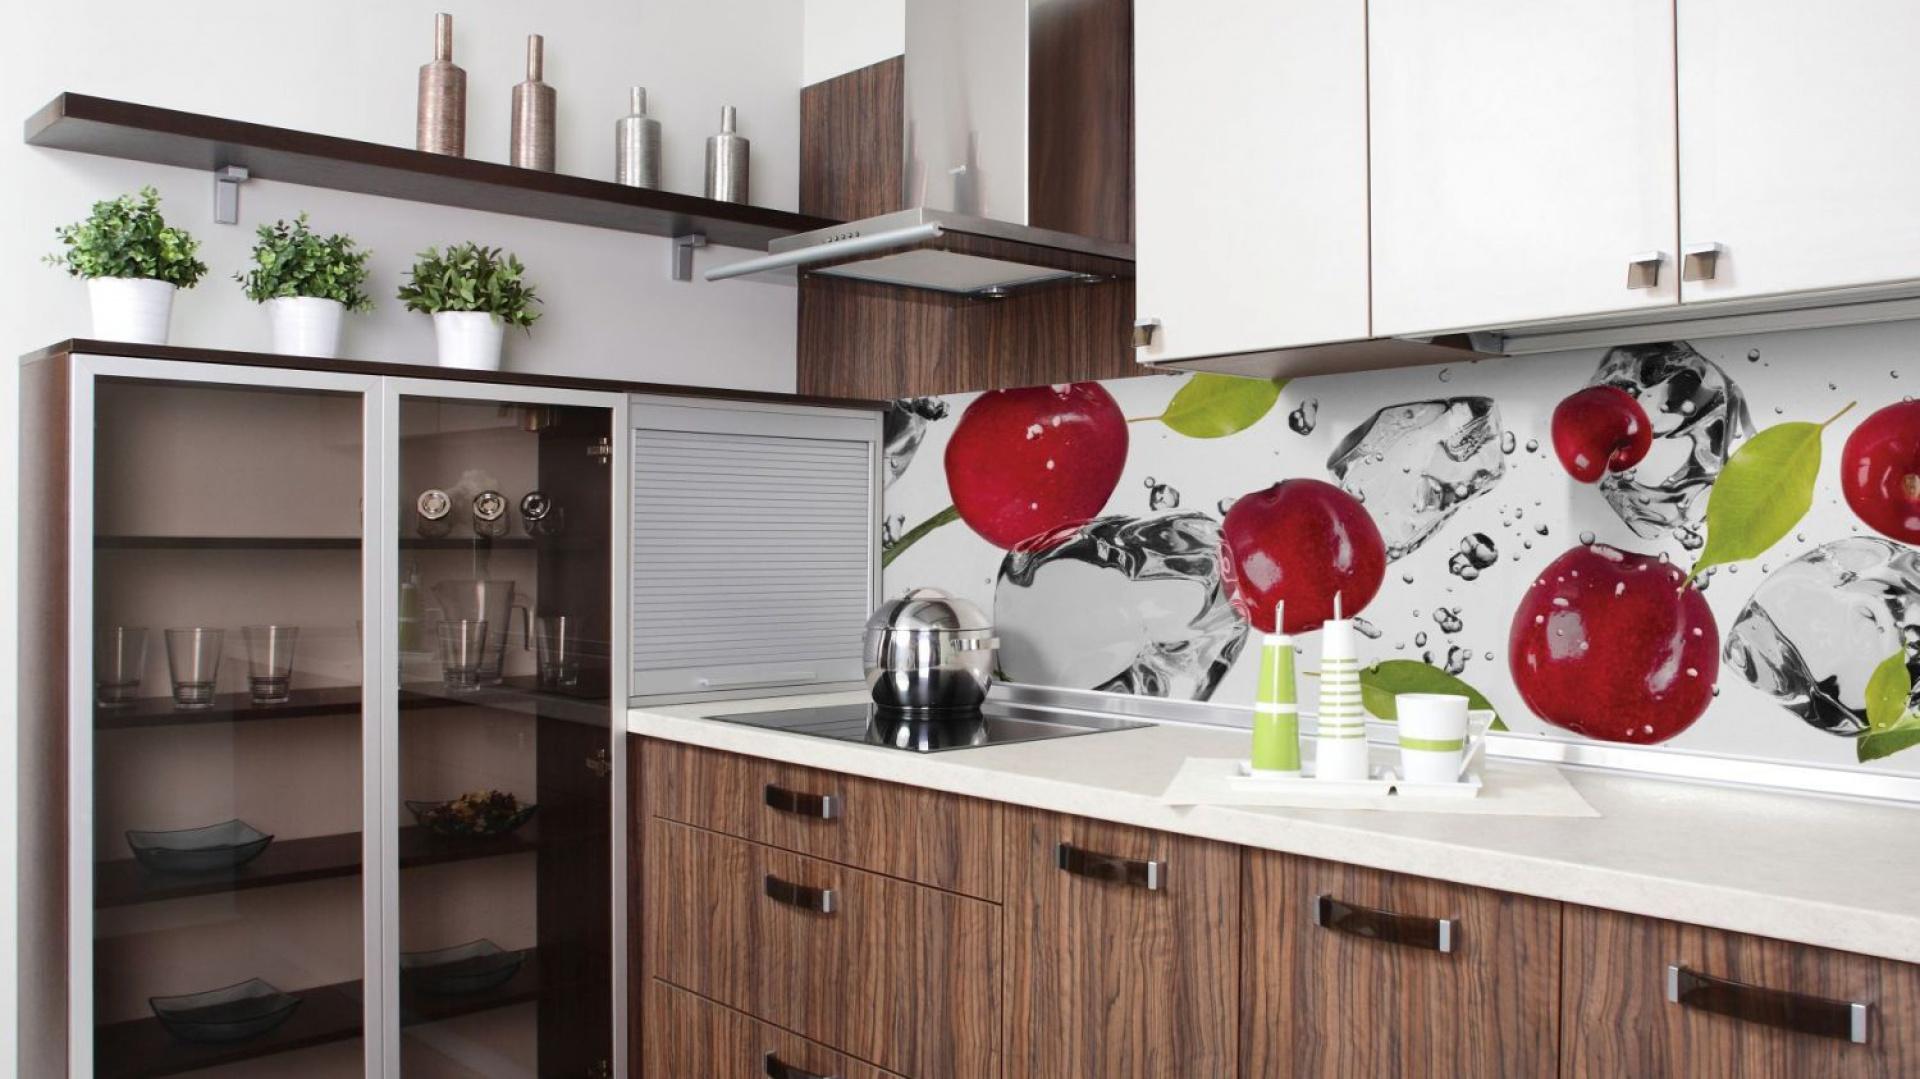 Czerwone, błyszczące wisienki ożywiają aranżację kuchni, zdominowanej przez biel i drewno. Fot. Dekornik.